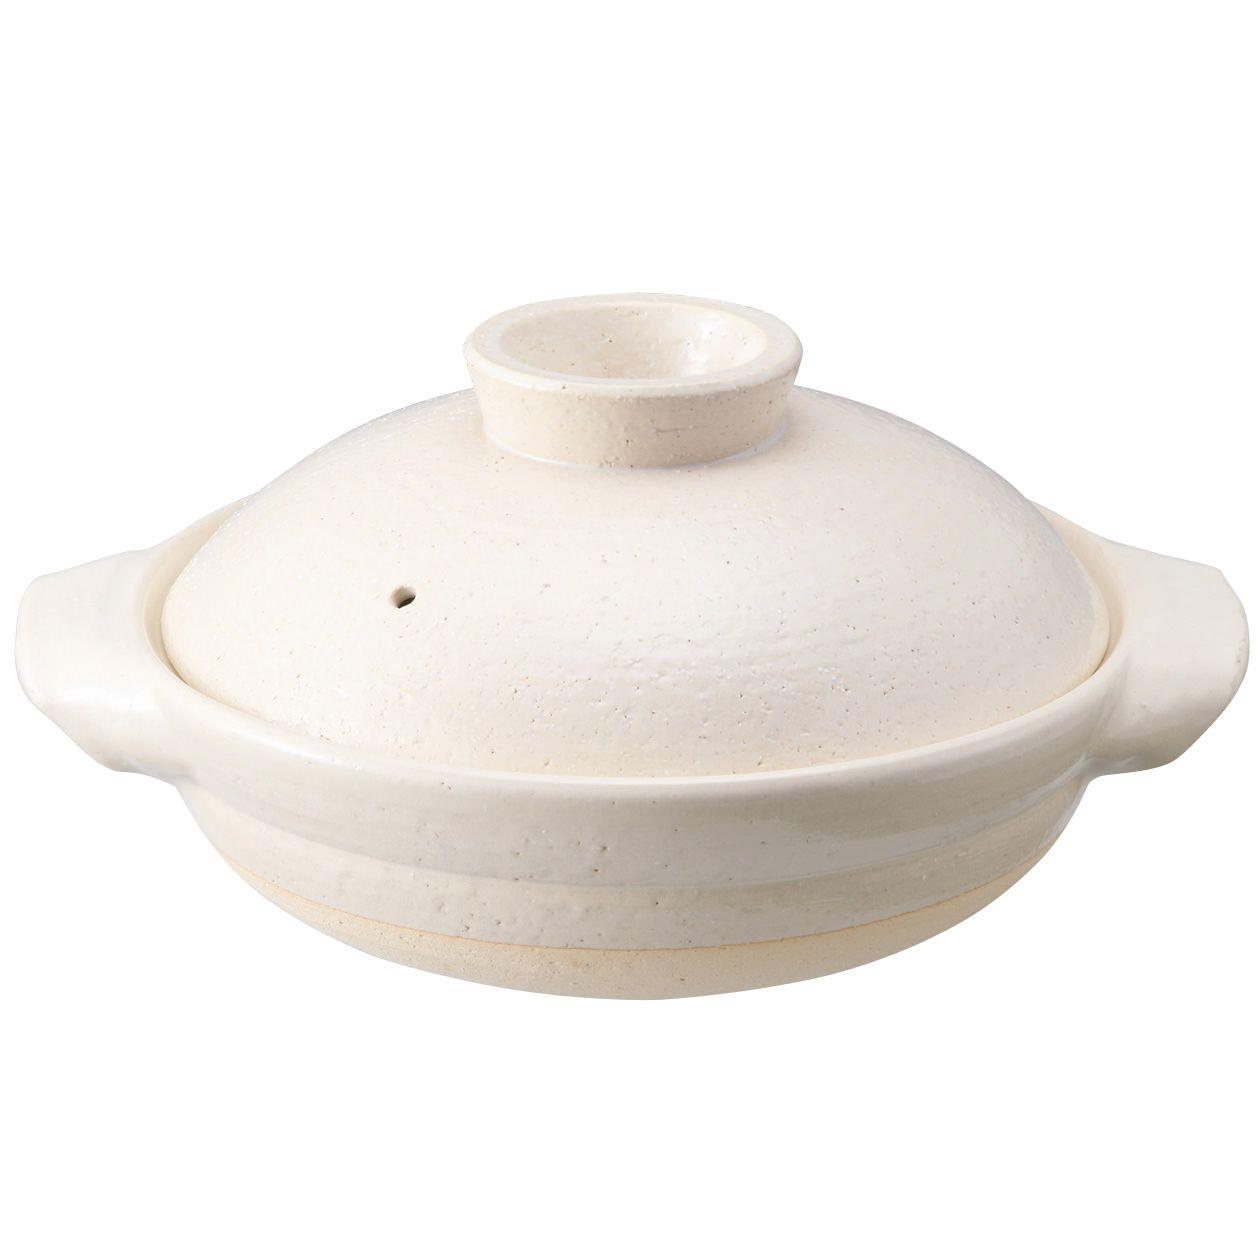 伊賀焼土鍋・白釉 3~5人用/約2500ml | 無印